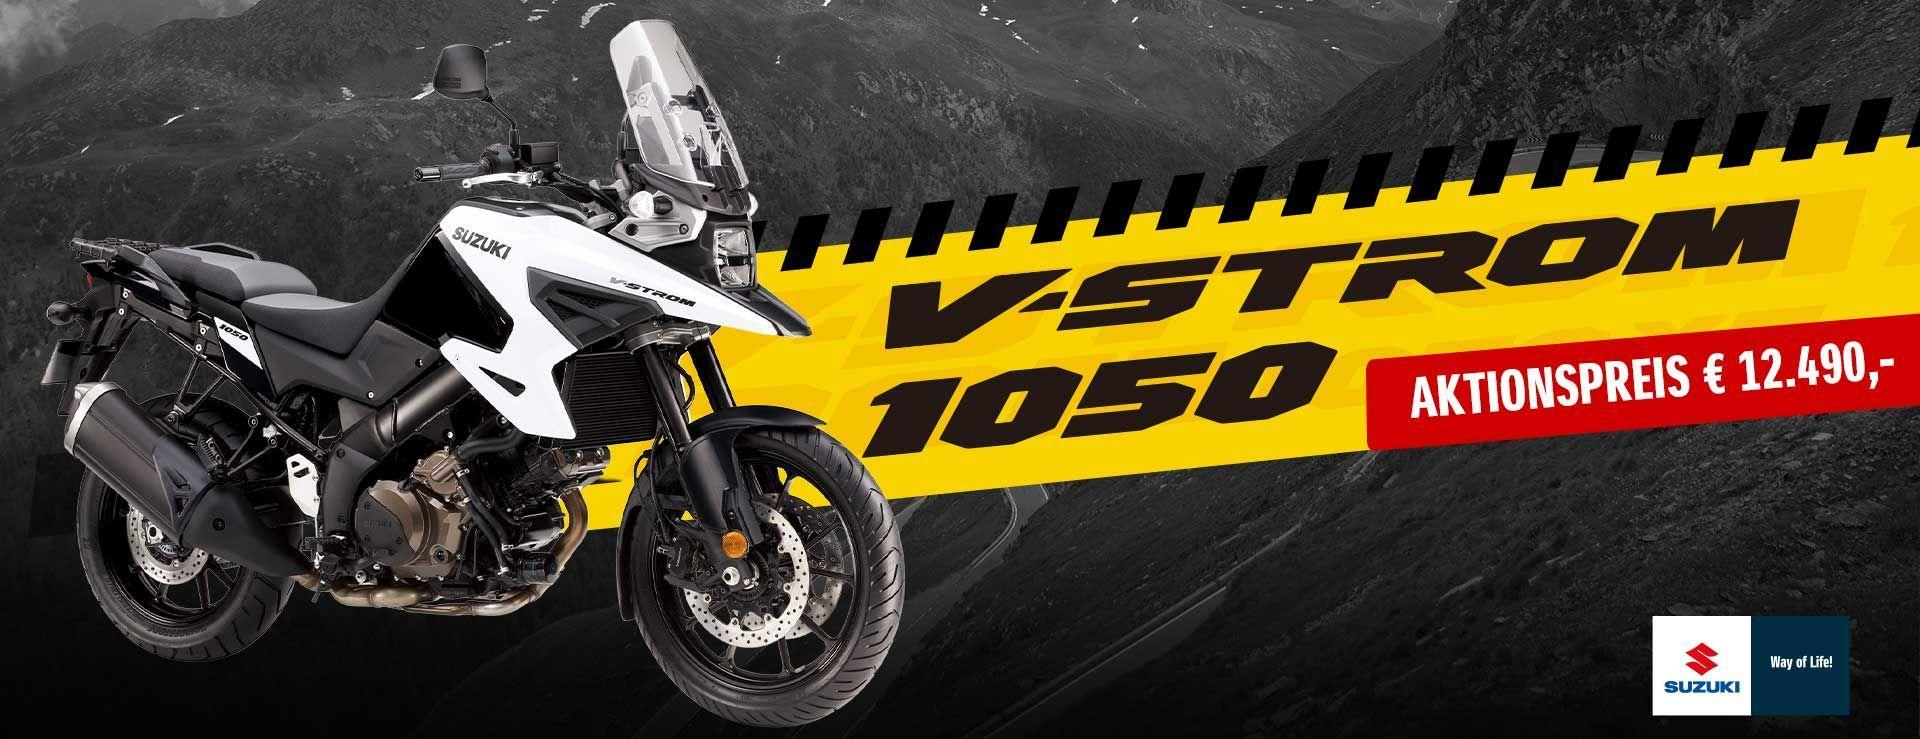 Suzuki V-Strom 1050 ab €11.990,-